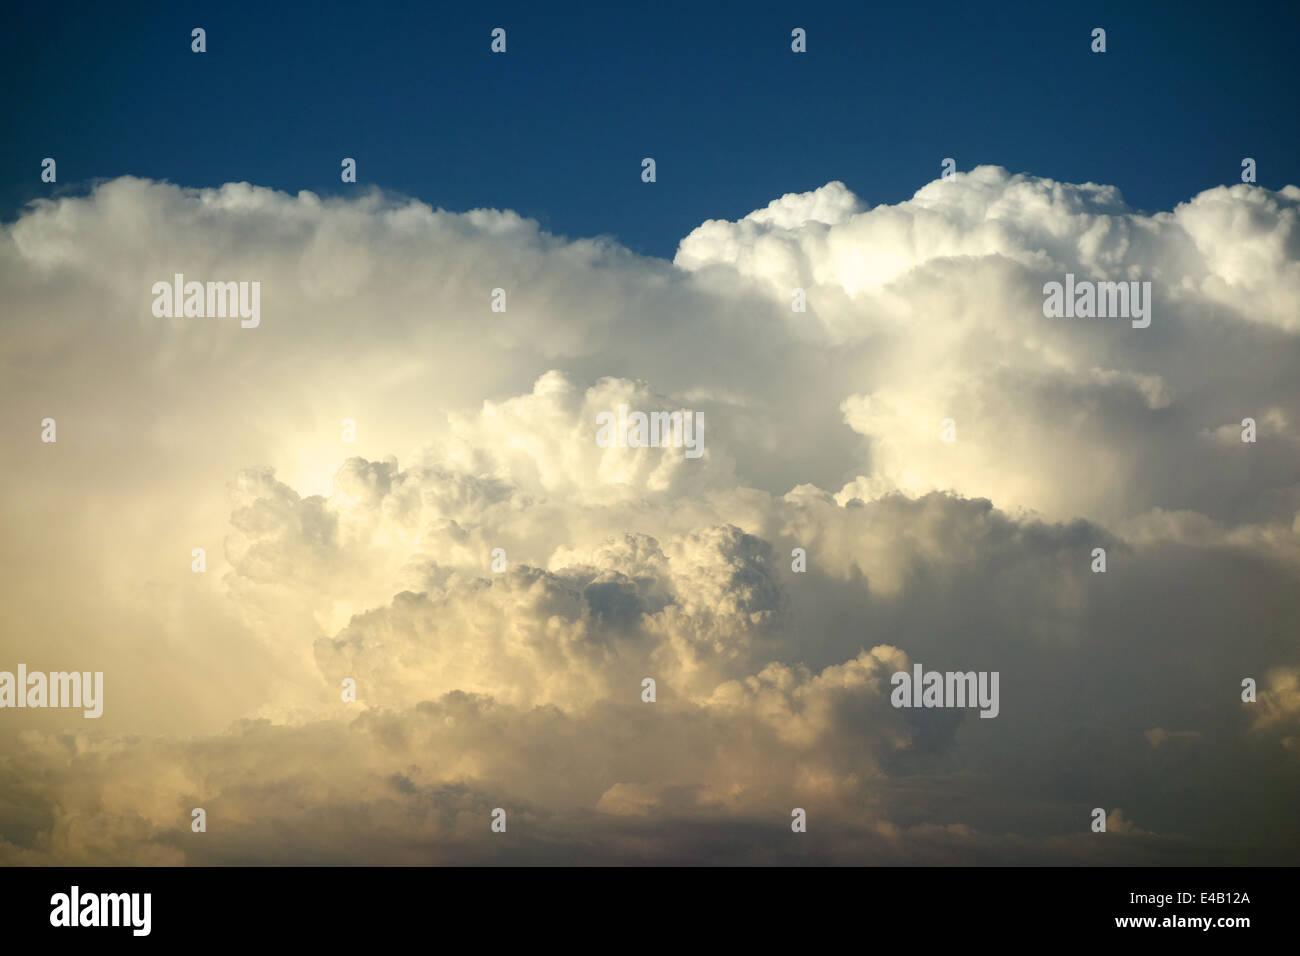 a-towering-cumulonimbus-cloud-E4B12A.jpg